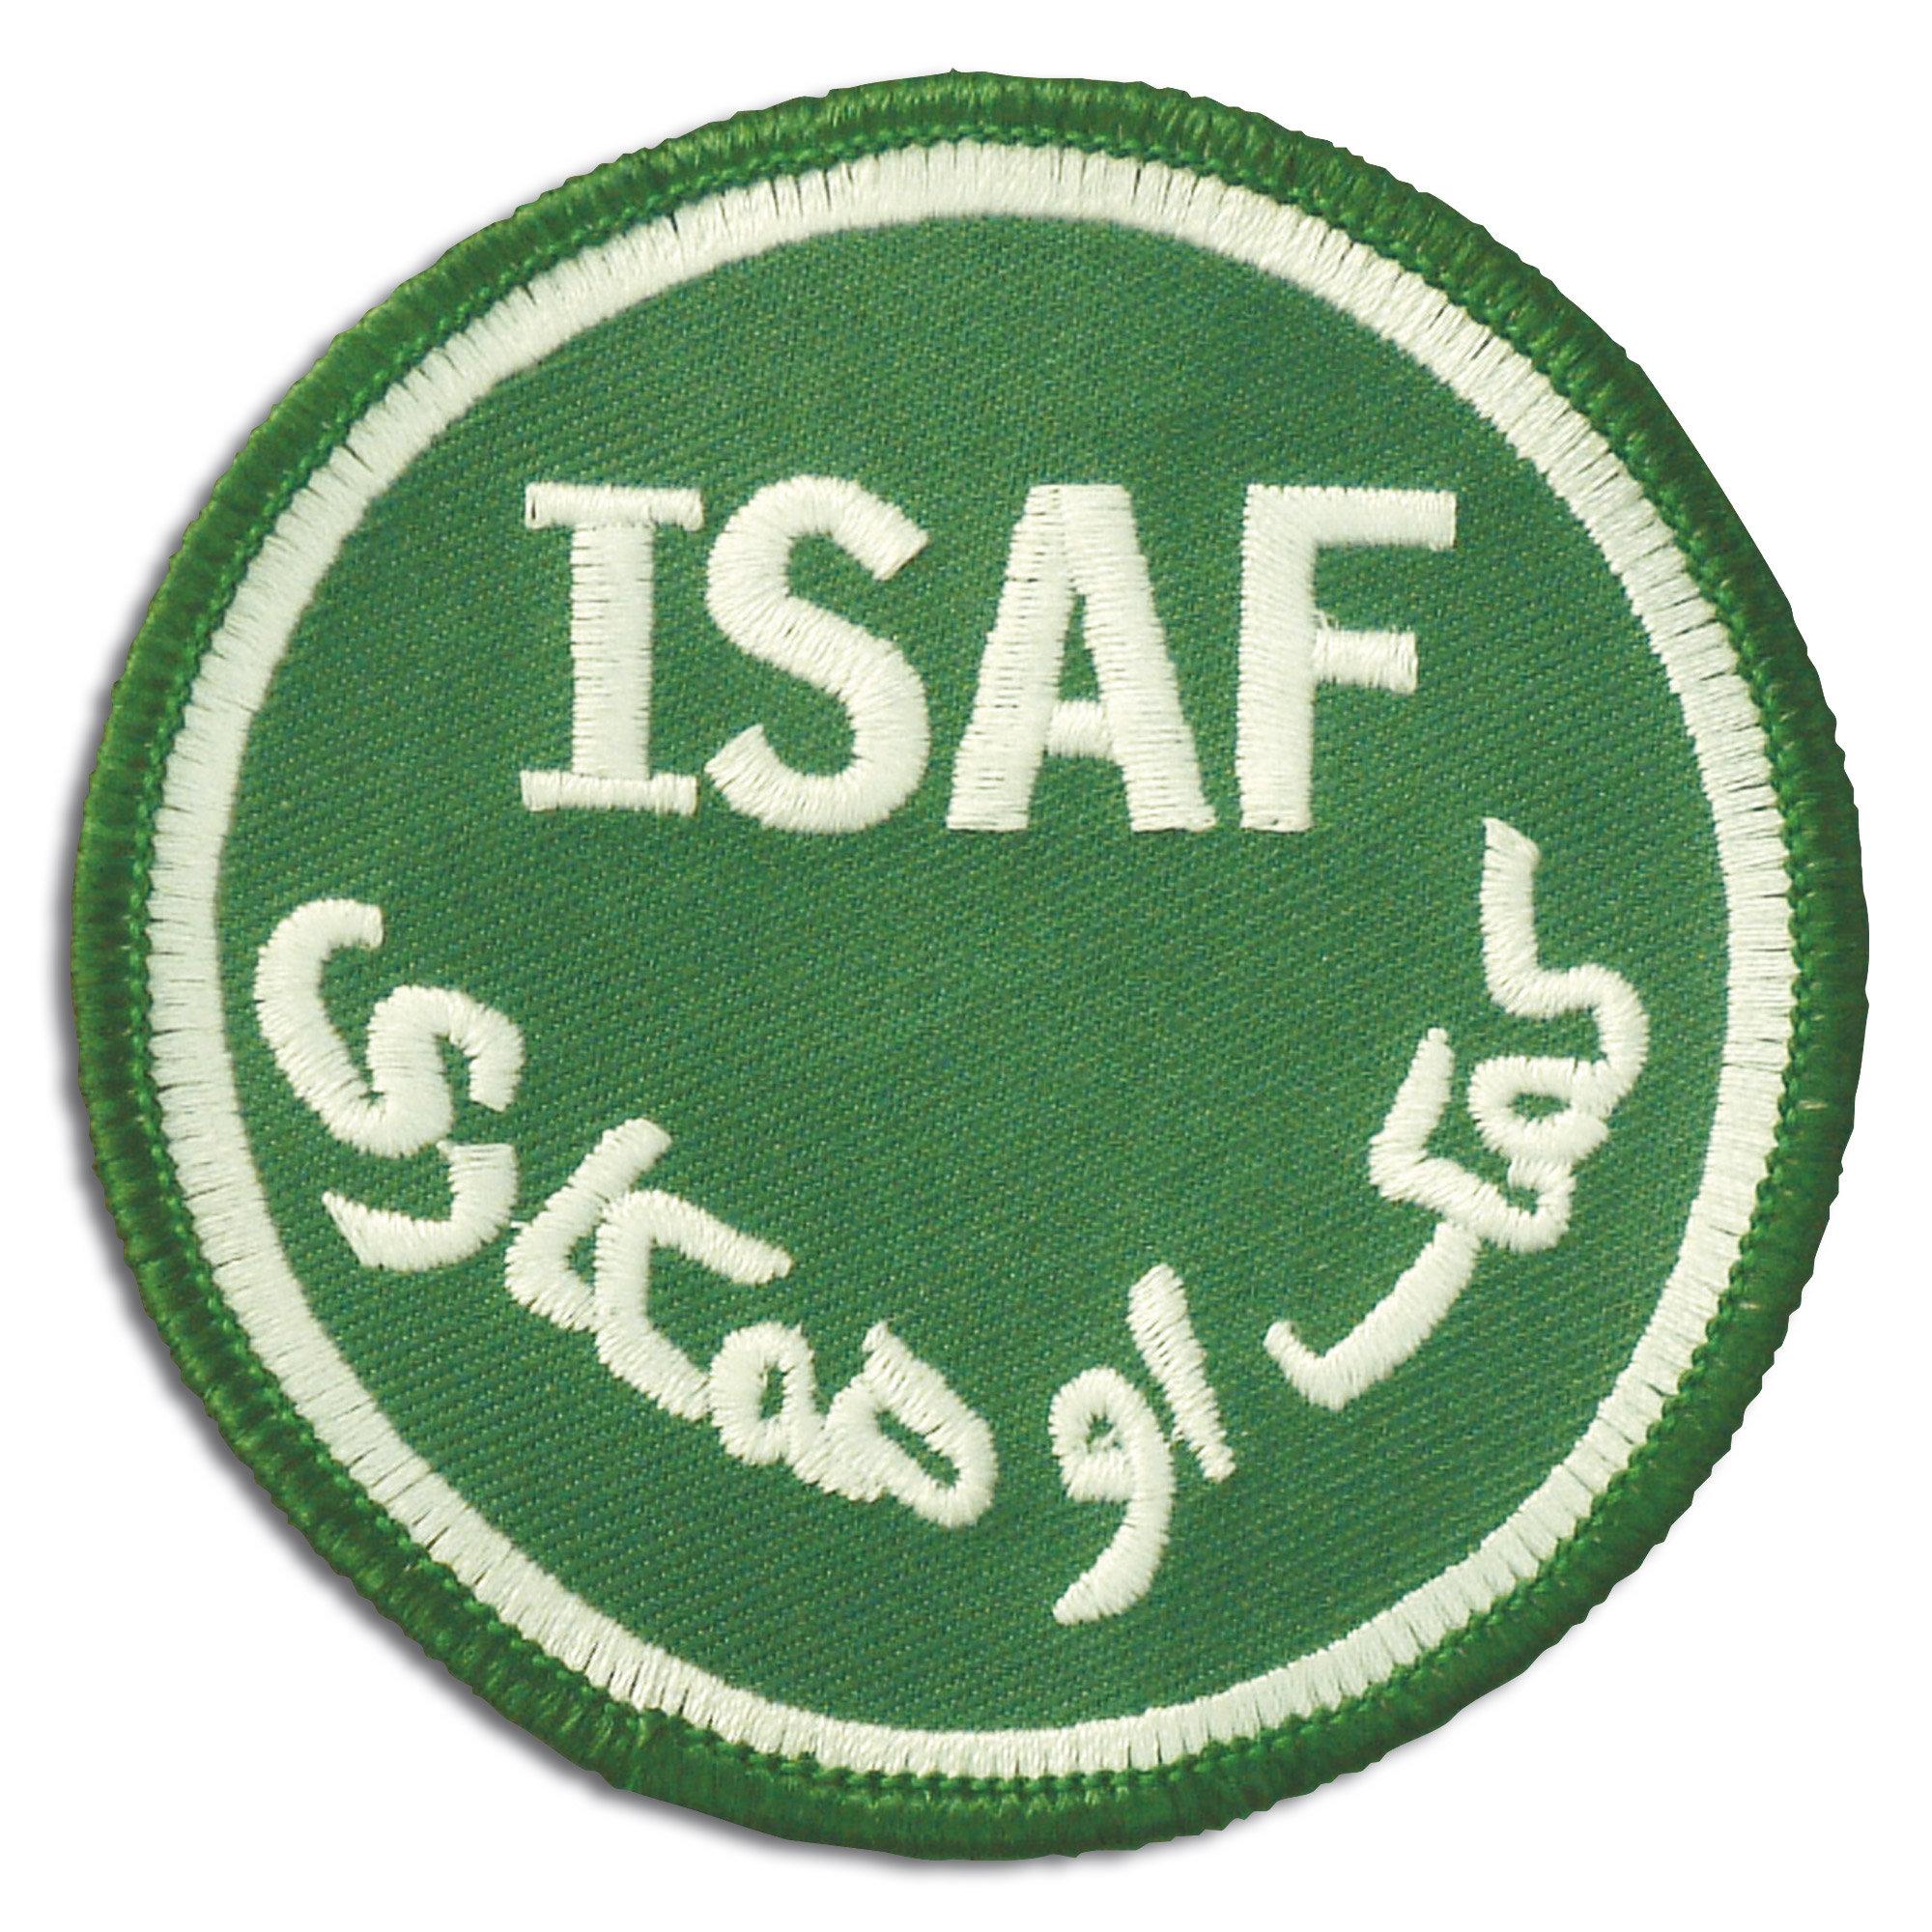 Abzeichen ISAF rund grün Klett